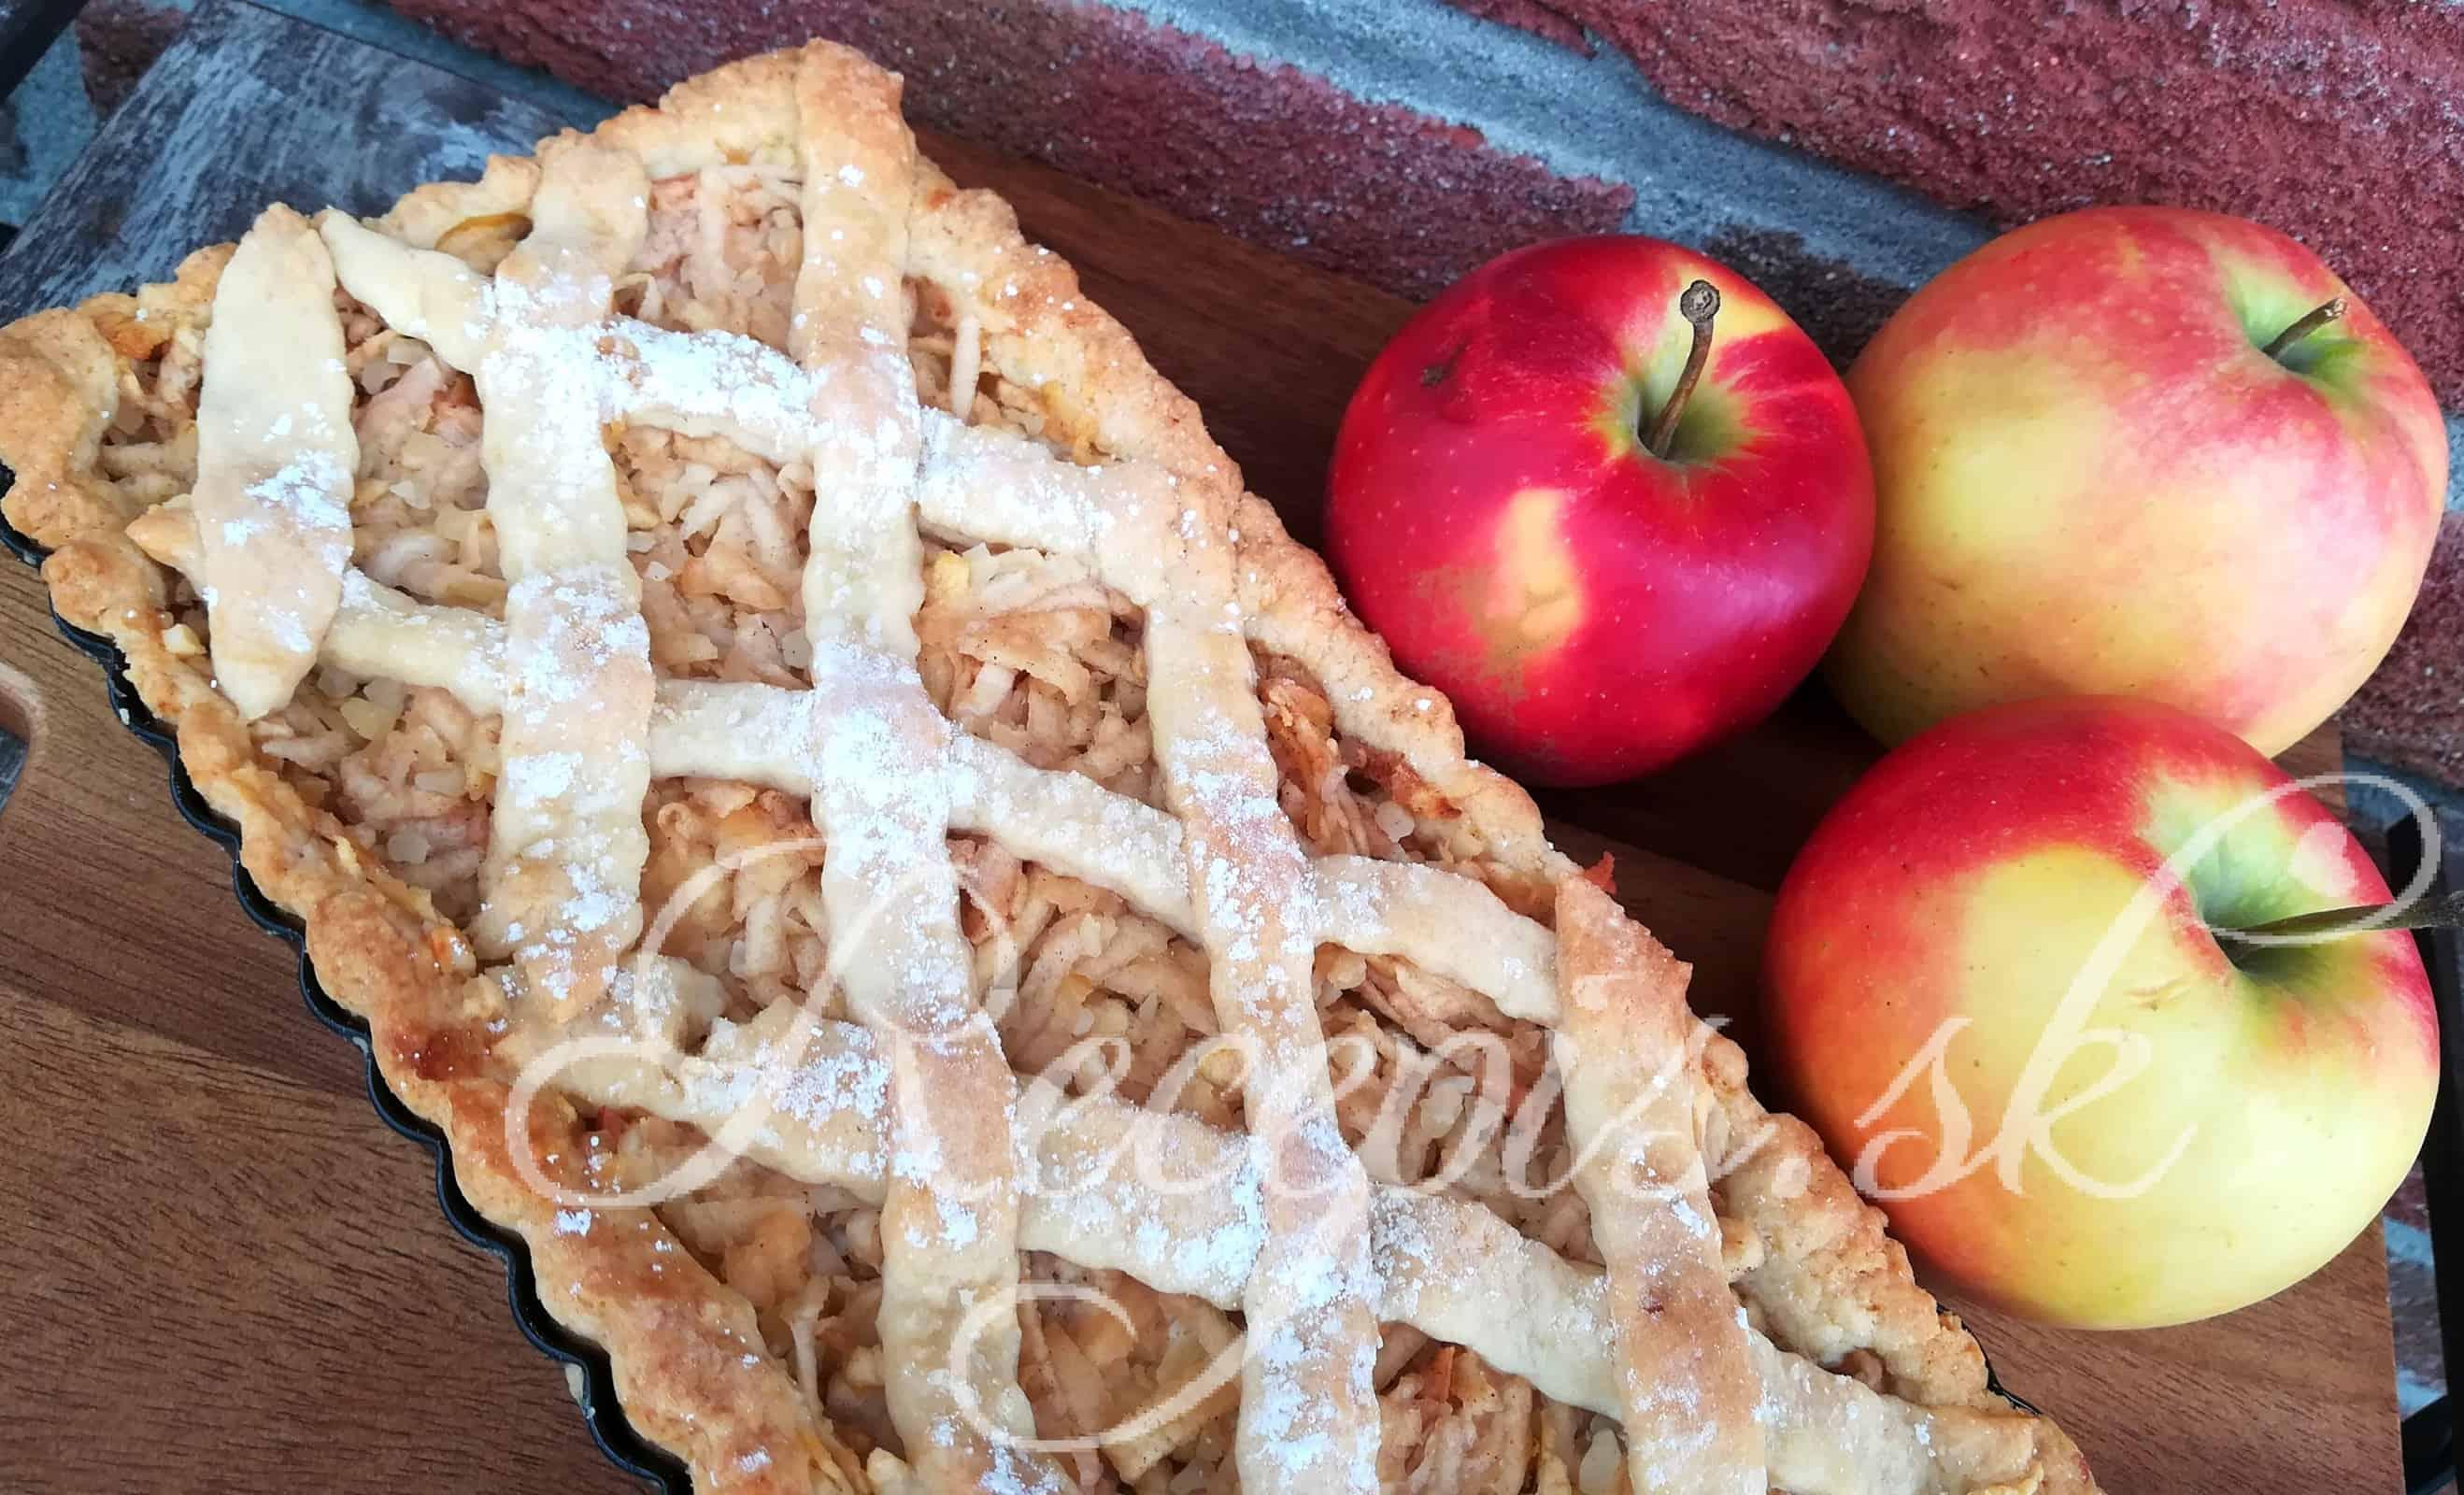 Jablkový mrežovník ako od mojej starej mamy